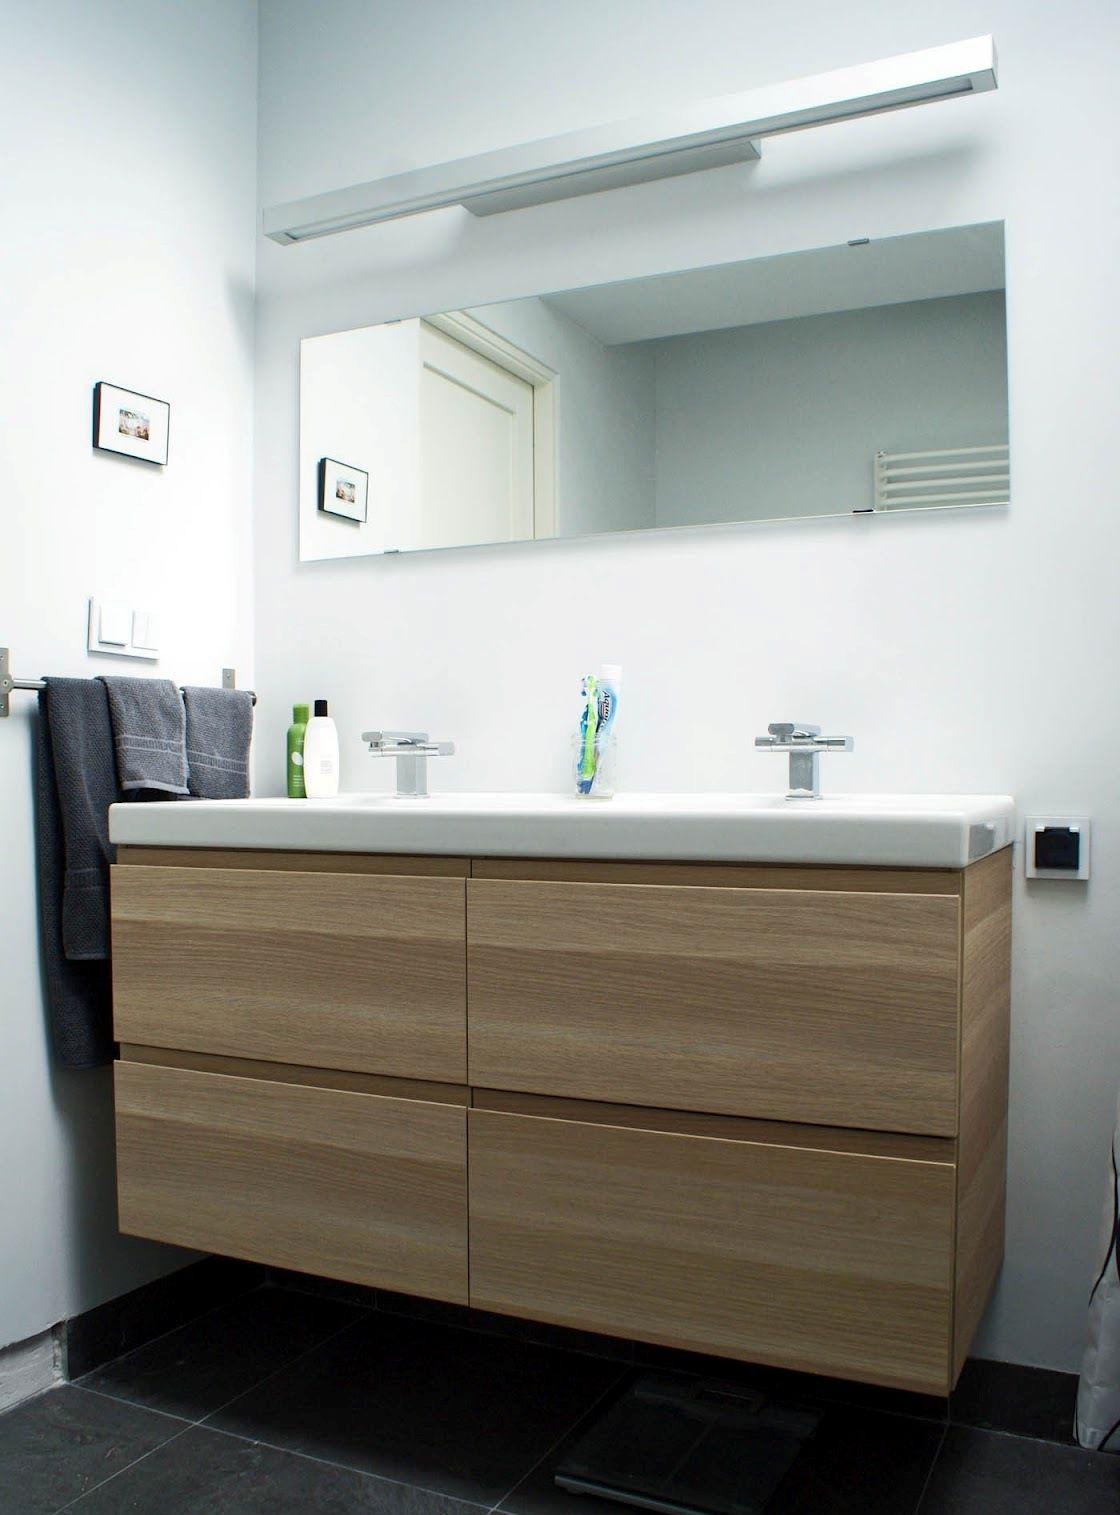 {title} (mit Bildern) Ikea badezimmer, Badezimmer